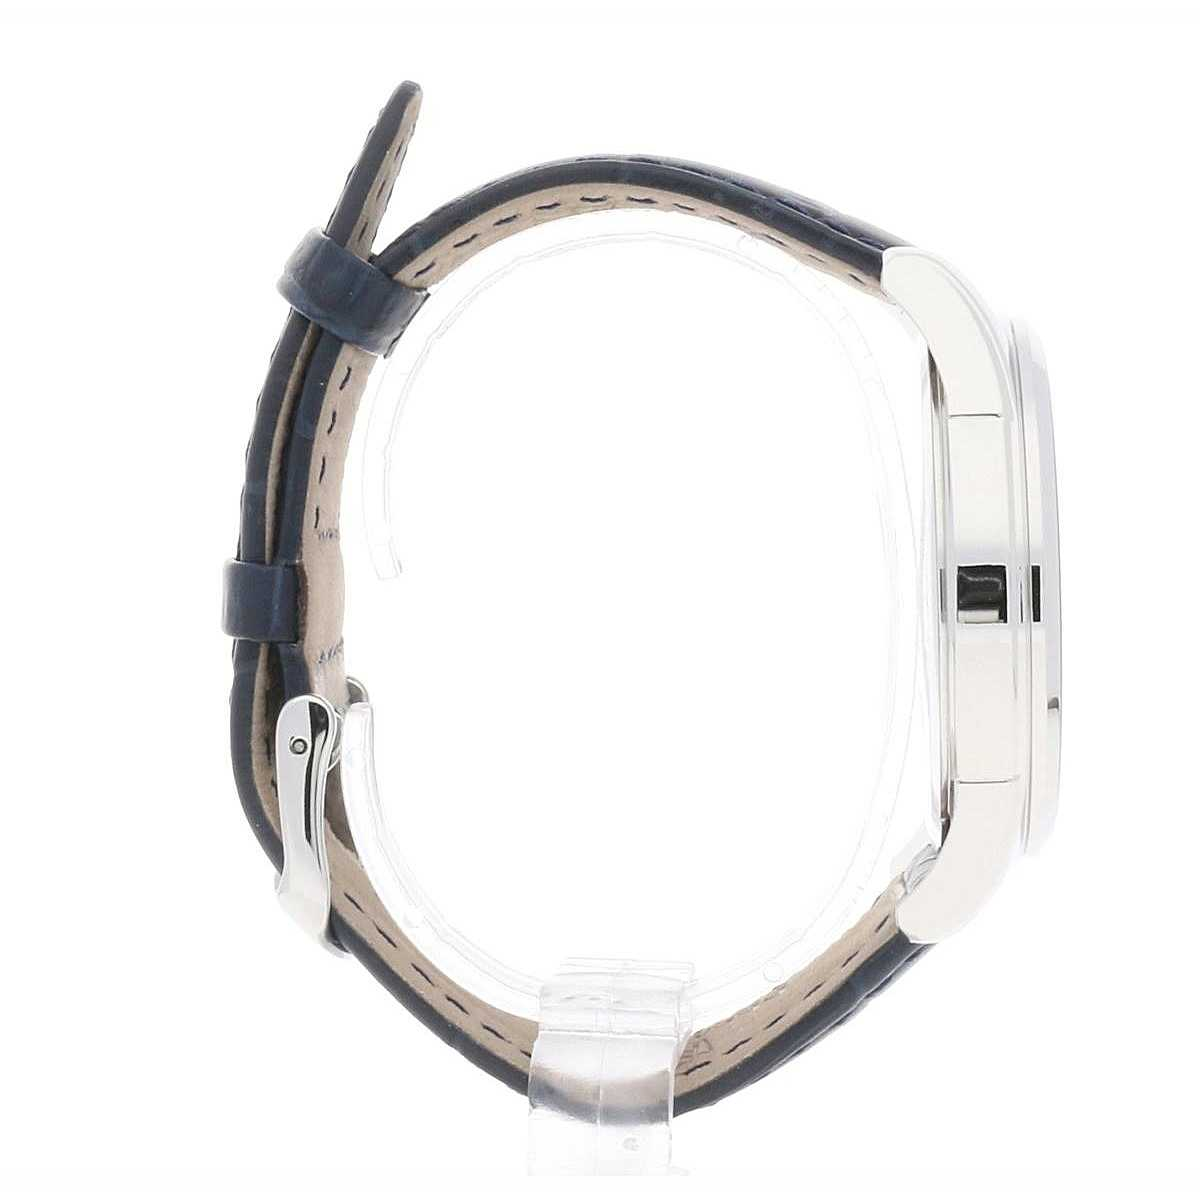 Armband- & Taschenuhren Armbanduhren Festina F16374_1 Herren Armbanduhr Neu Und Original De Um Jeden Preis